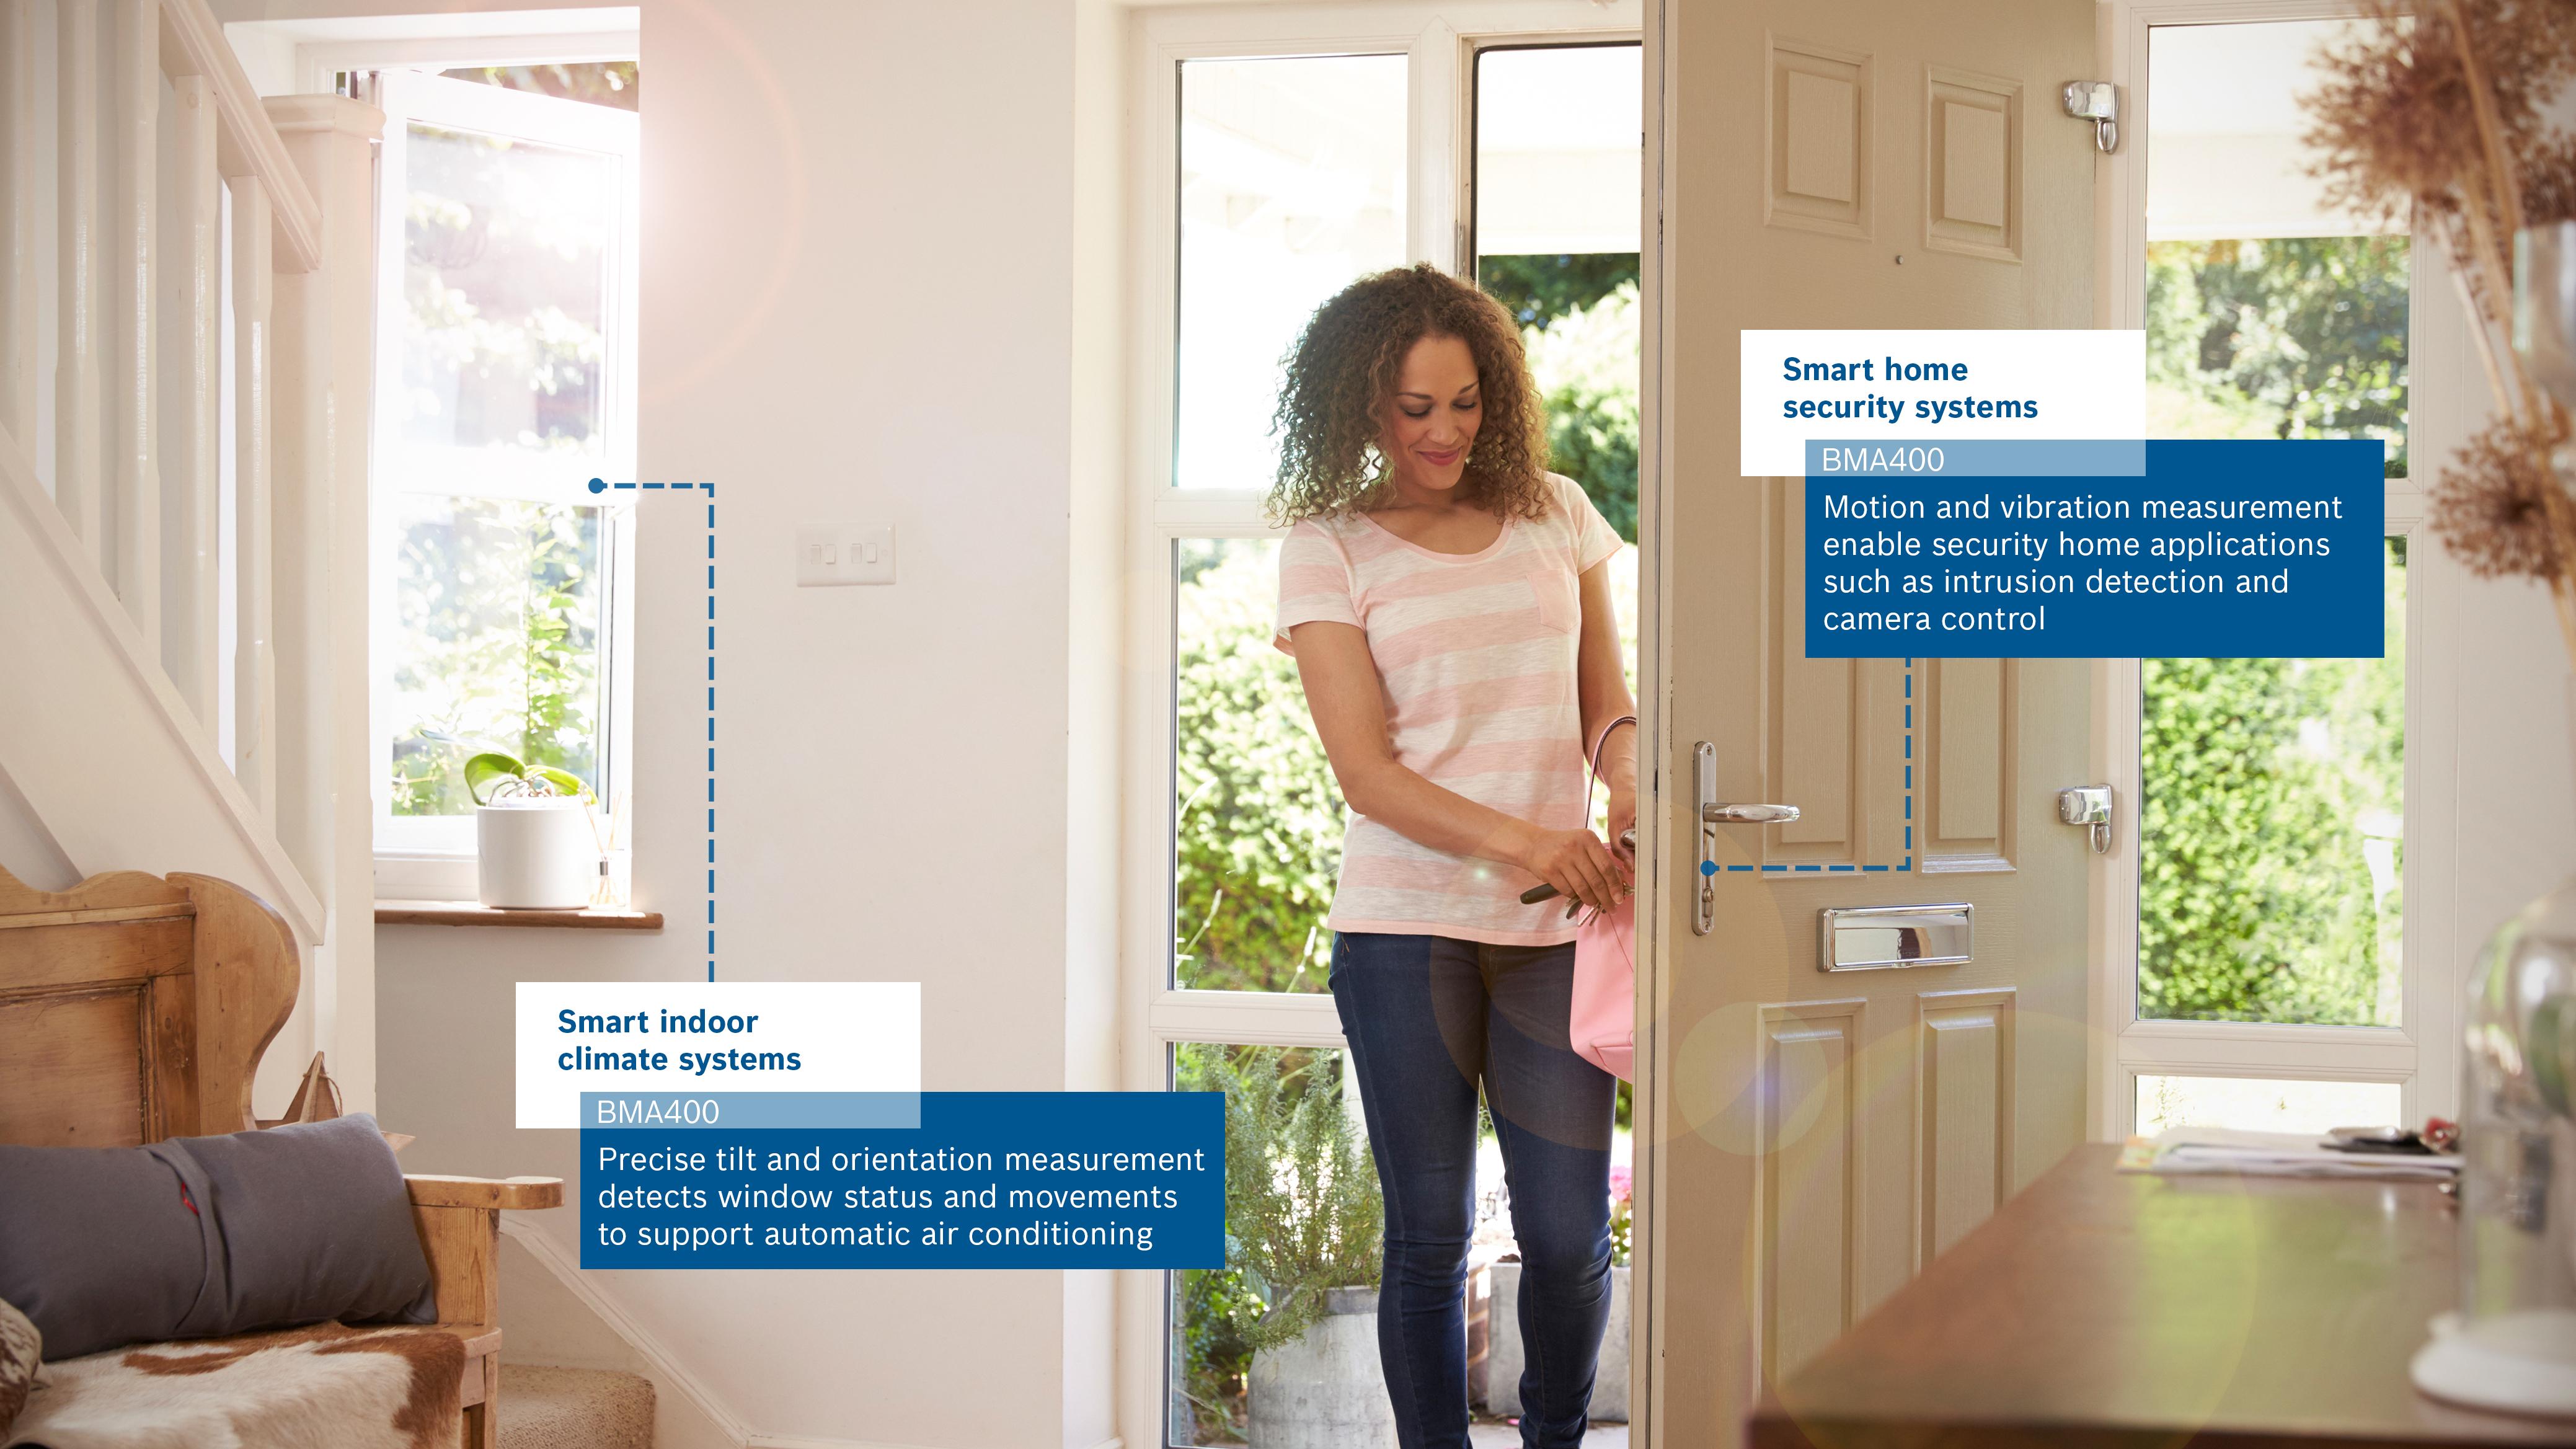 The BMA400 sensor makes houses even smarter